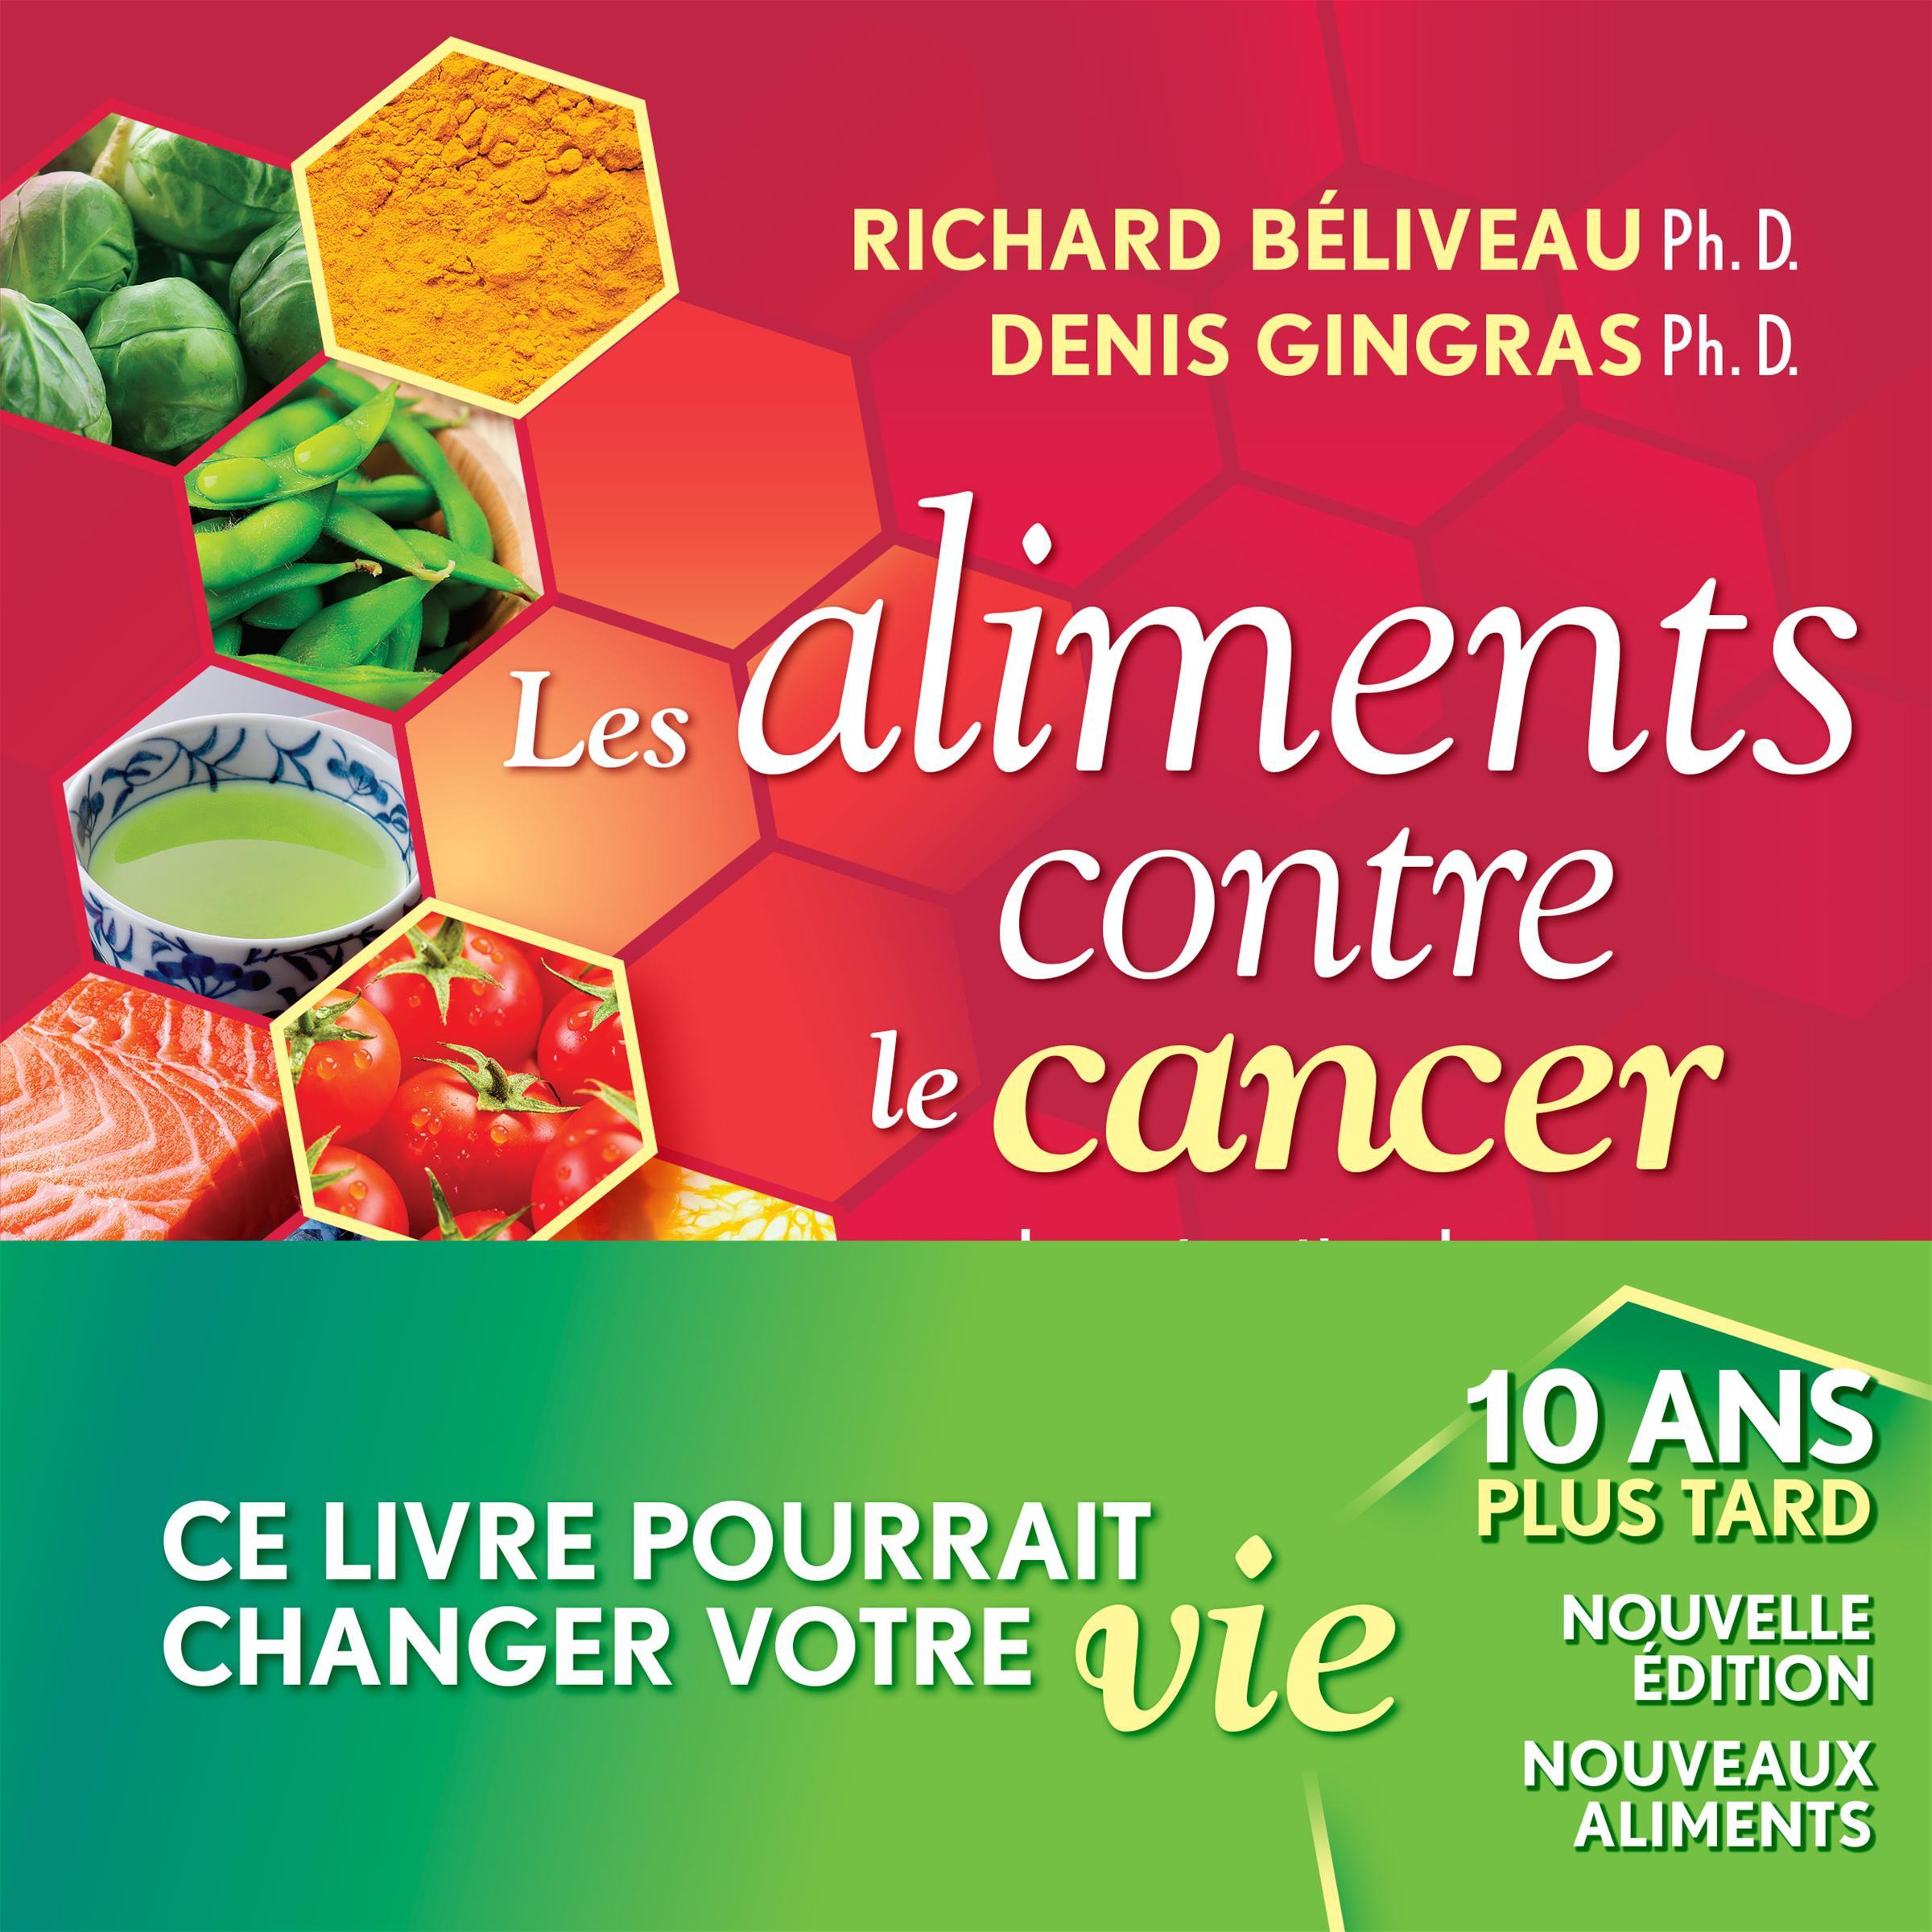 Les Aliments contre le cancer, nouvelle édition revue et augmentée